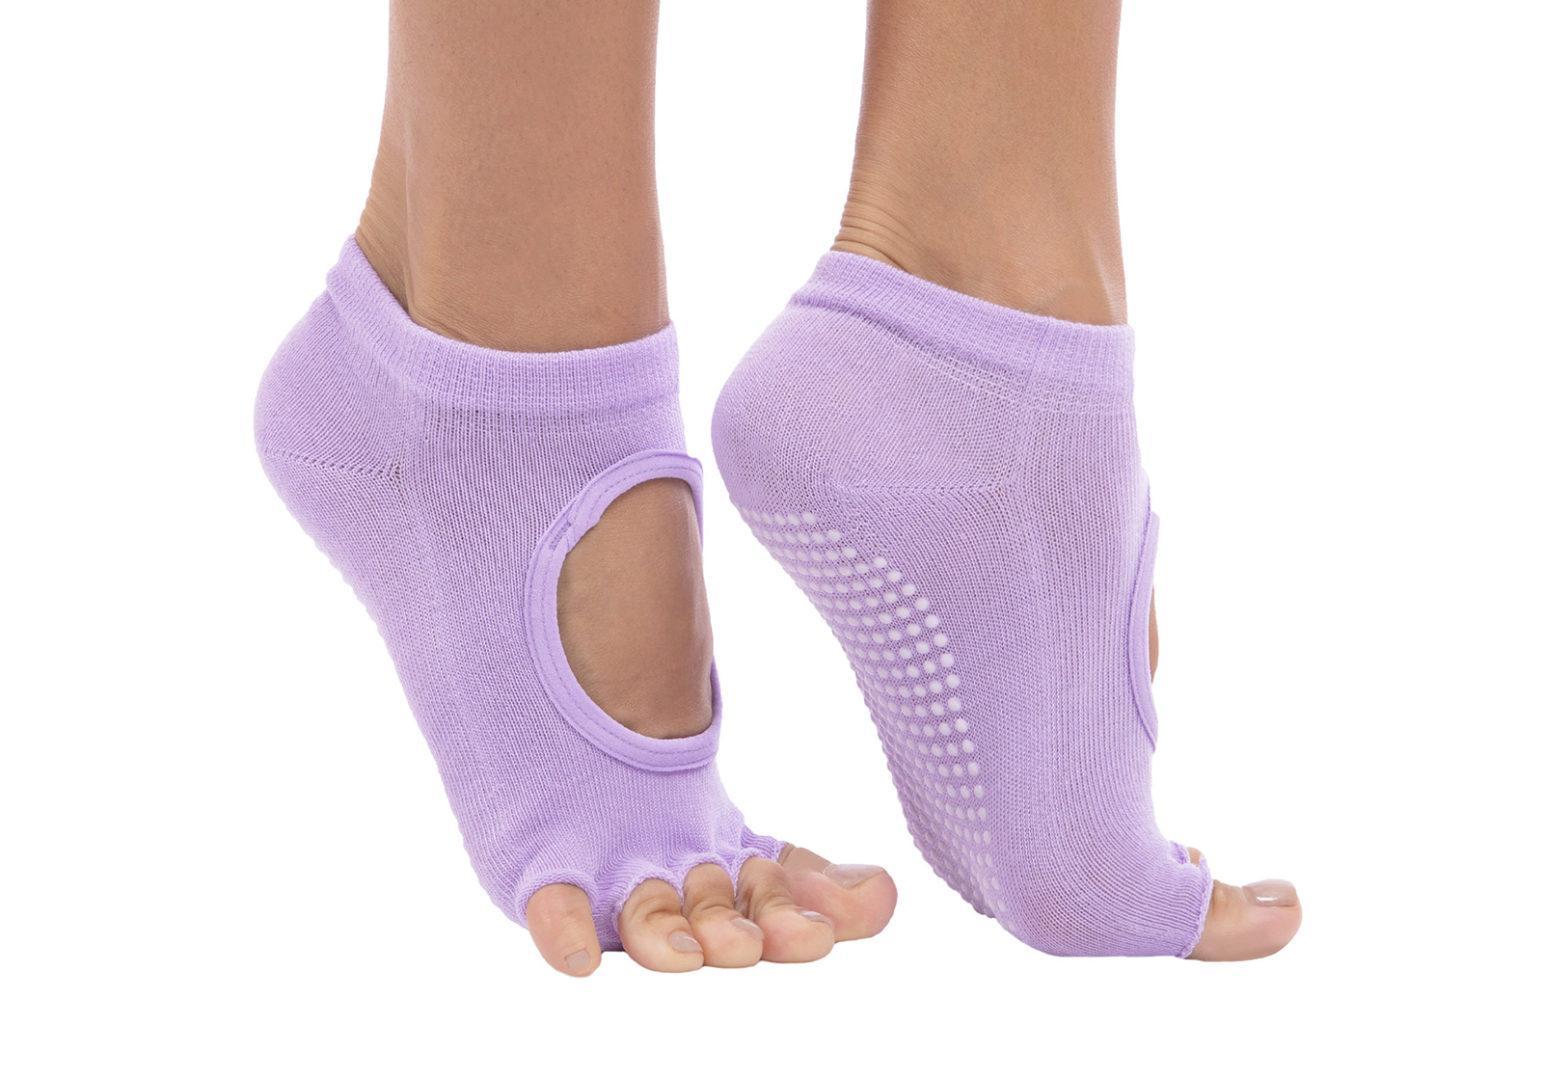 noski-dlya-jogi-samantha-wd-rao-socks-6-1543×1080